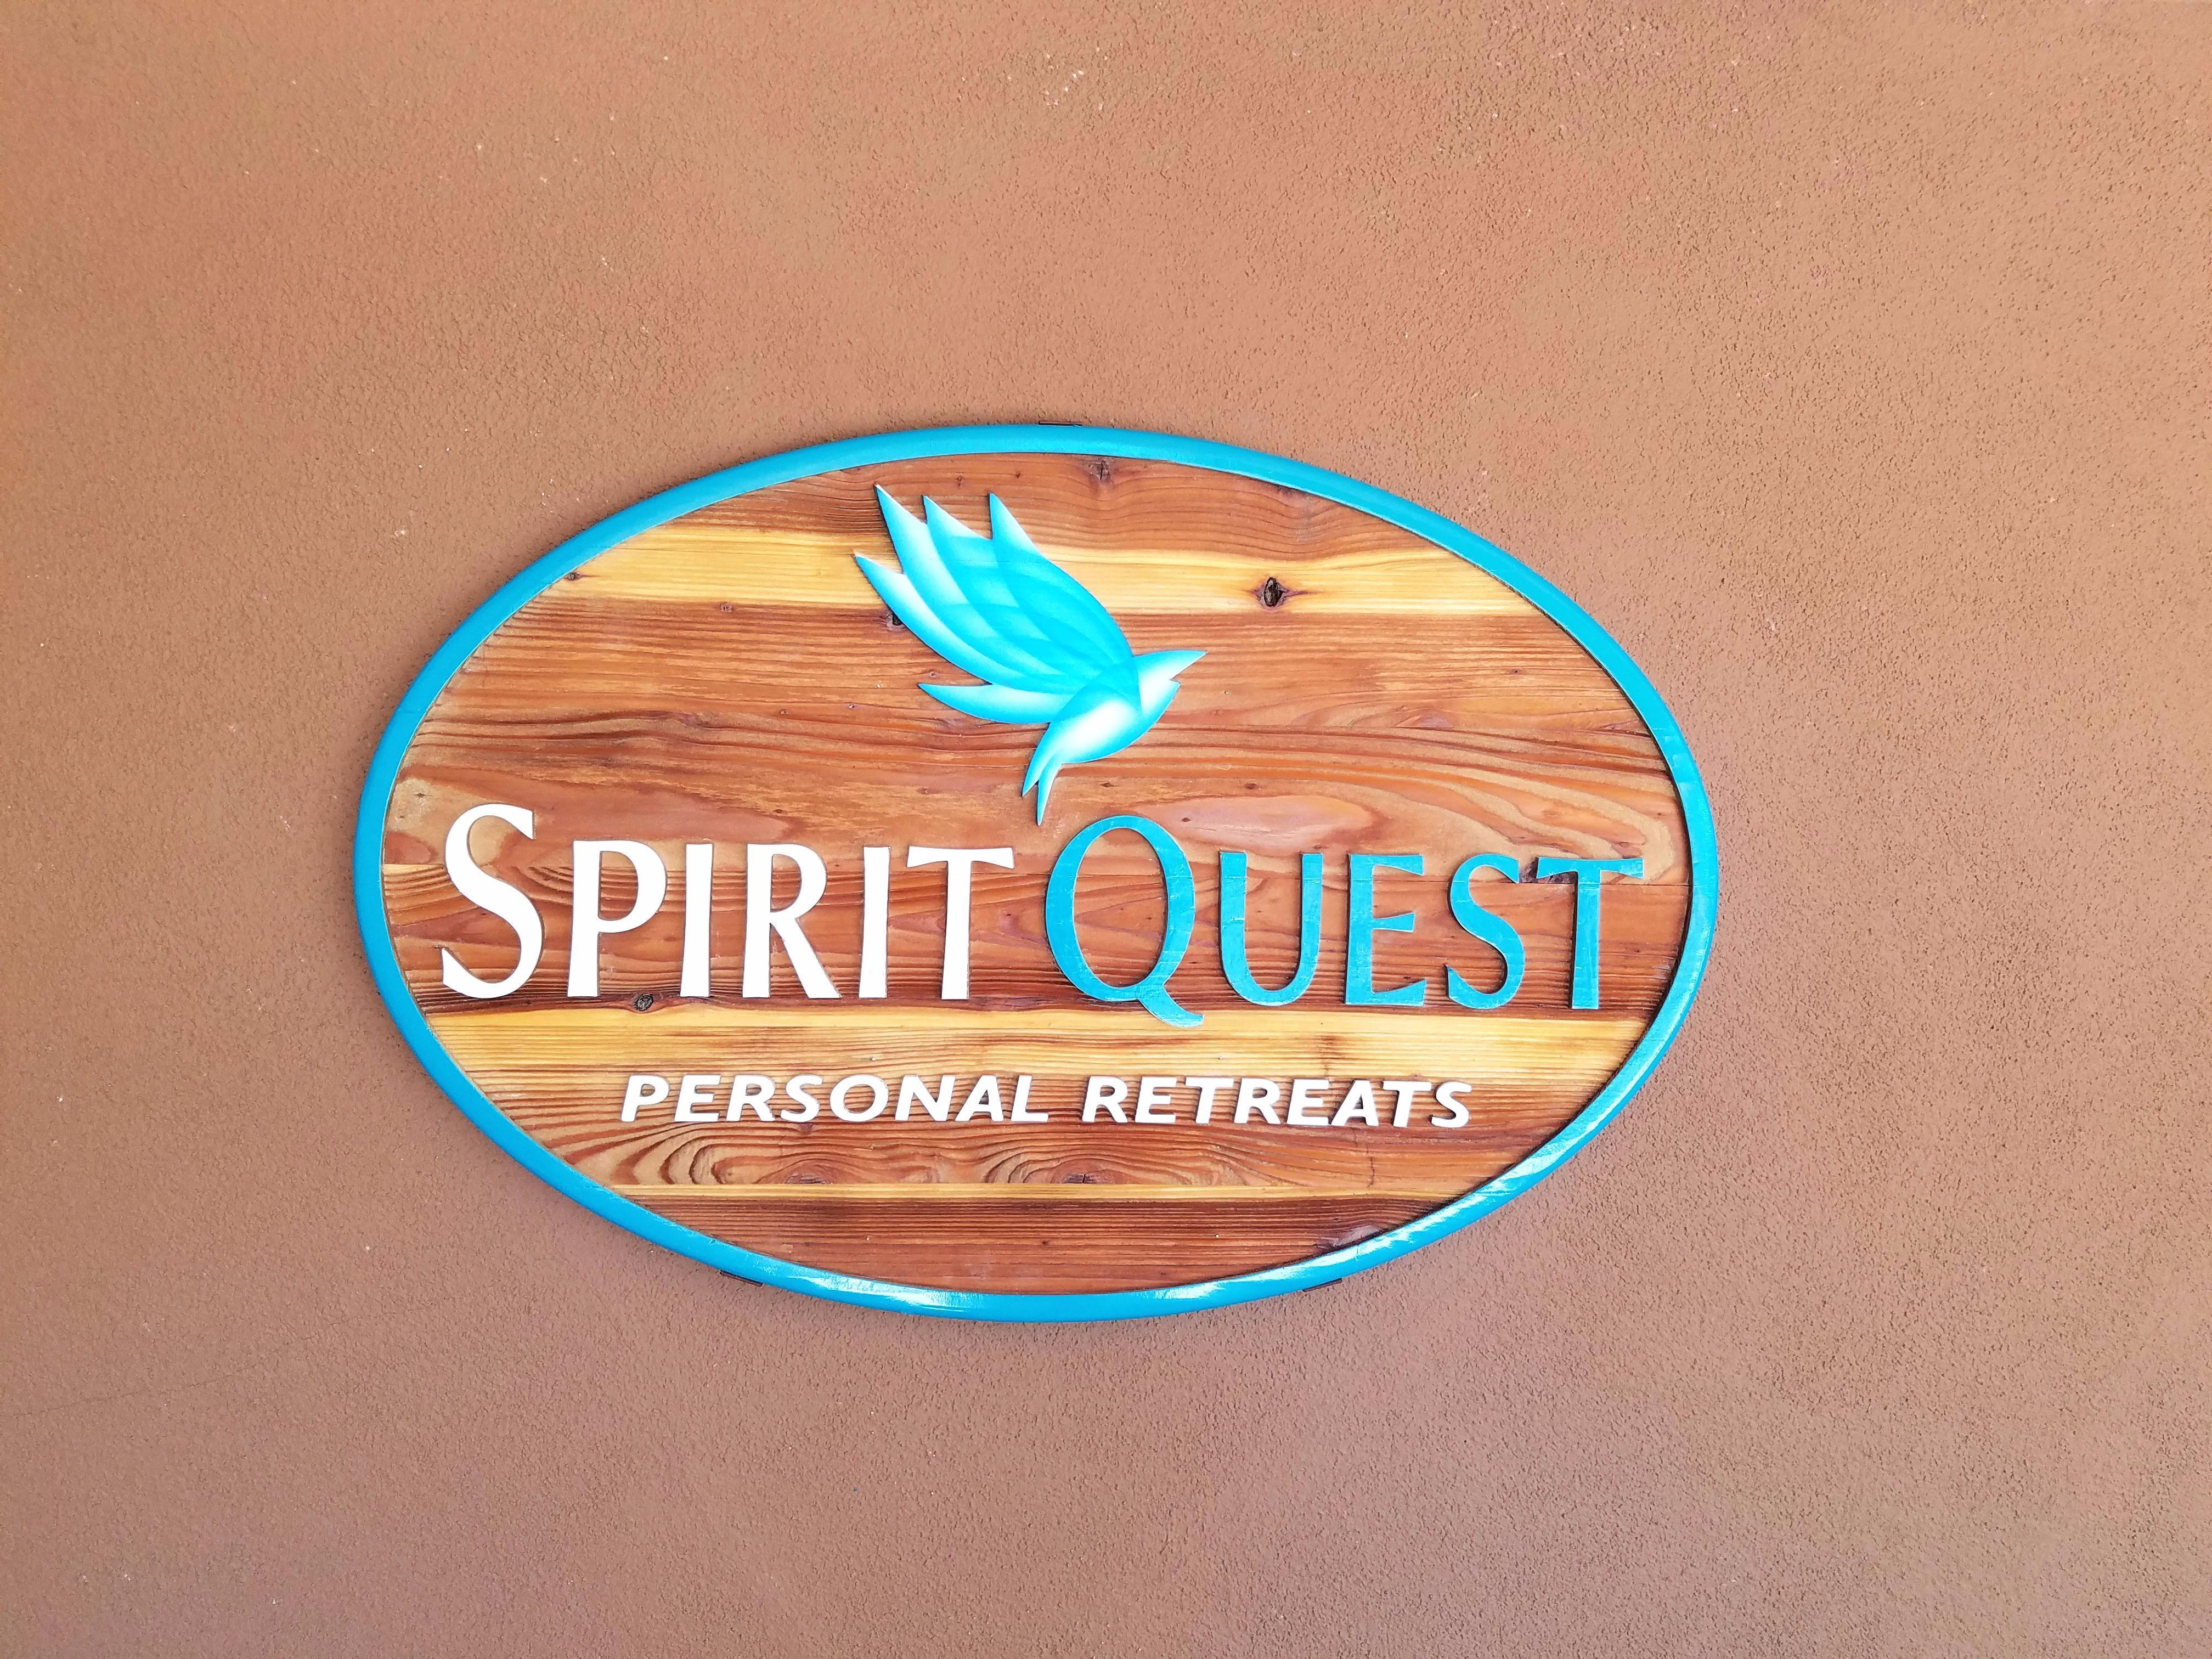 SpiritQuest Retreats image 44